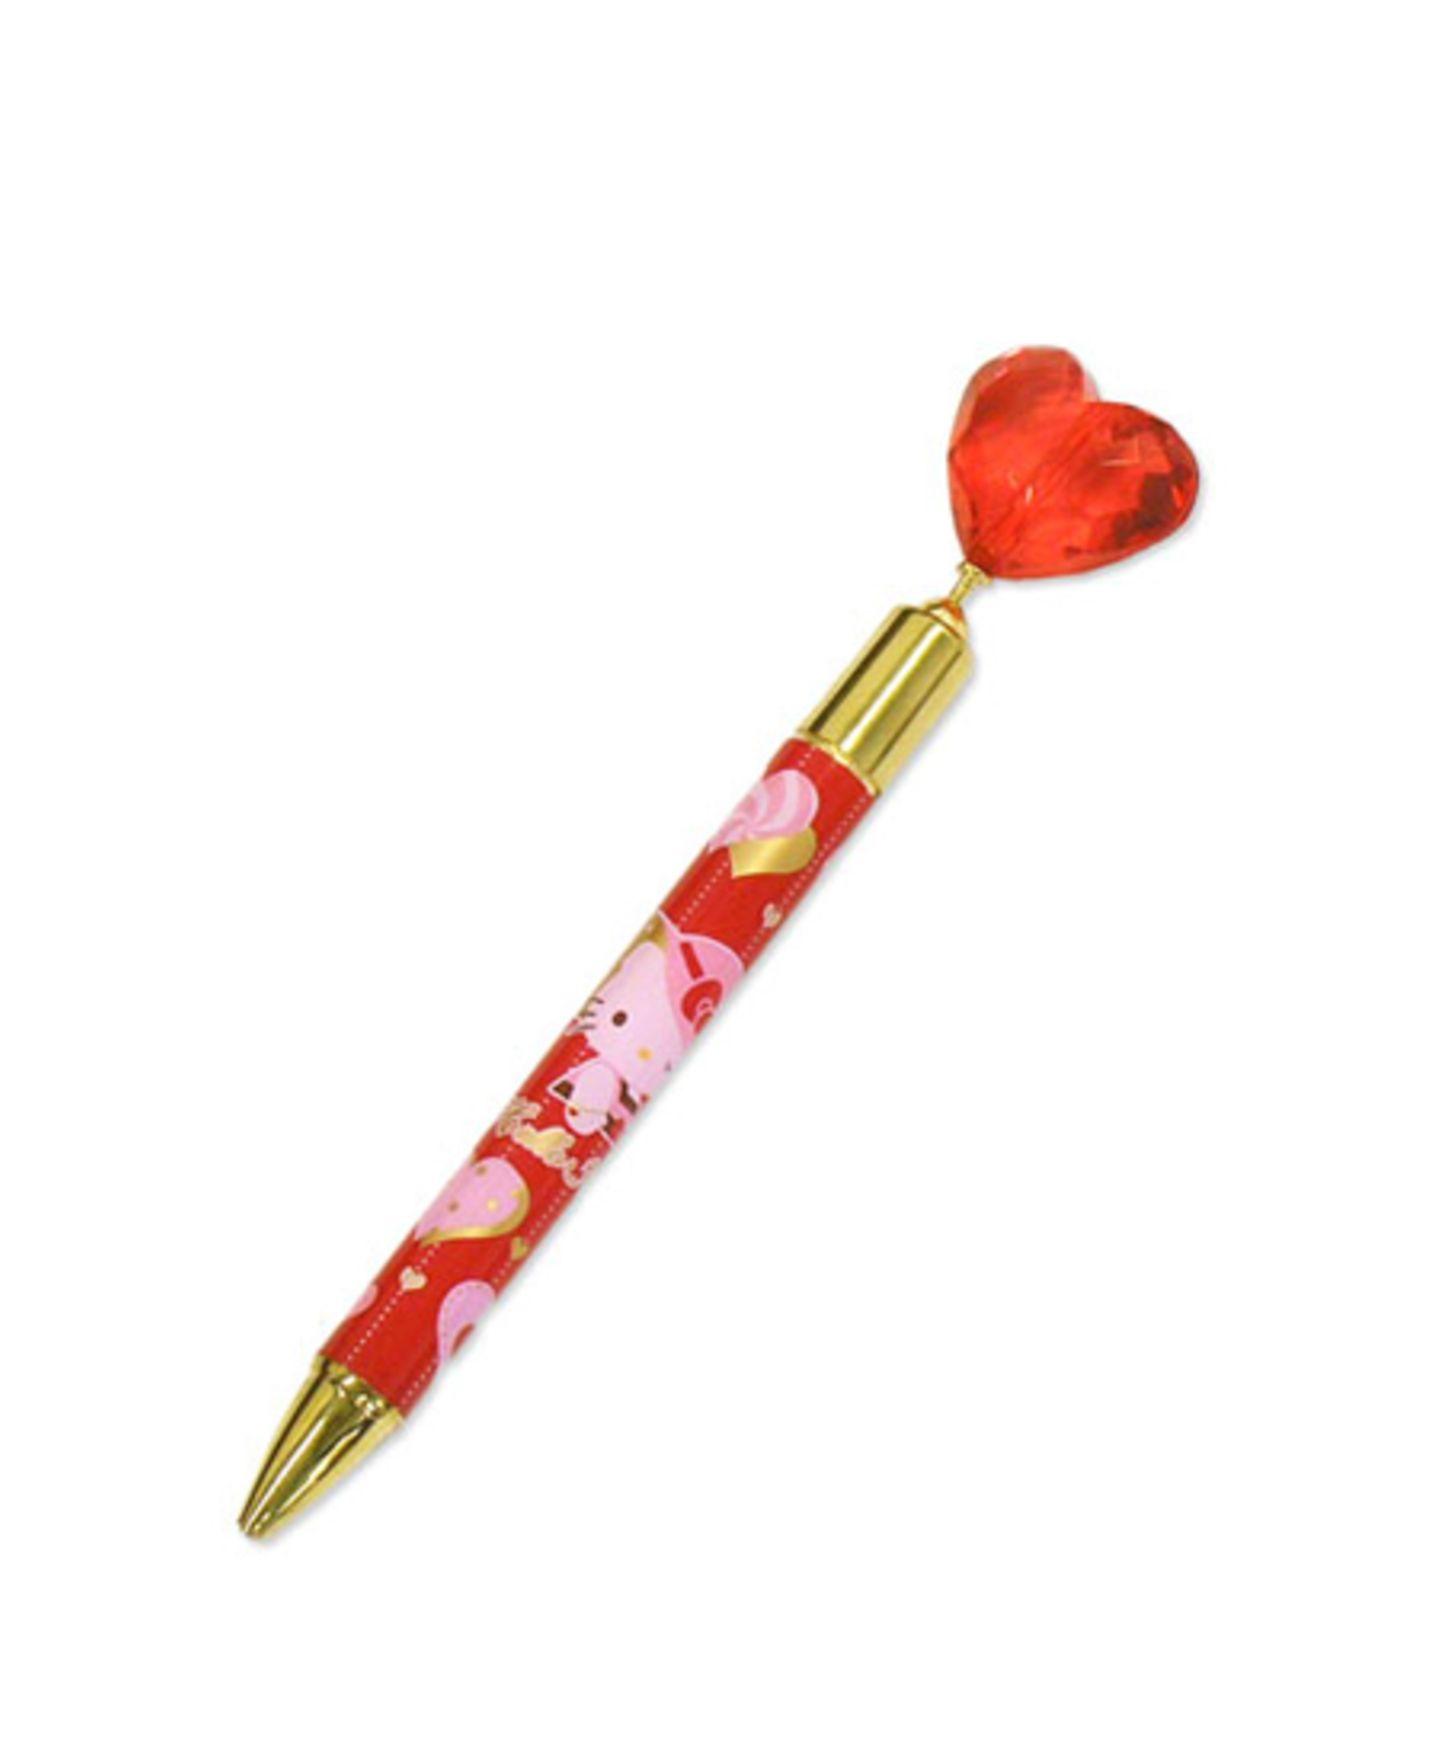 Herzig! Kugelschreiber von Sanrio-Express, um 6 Euro.